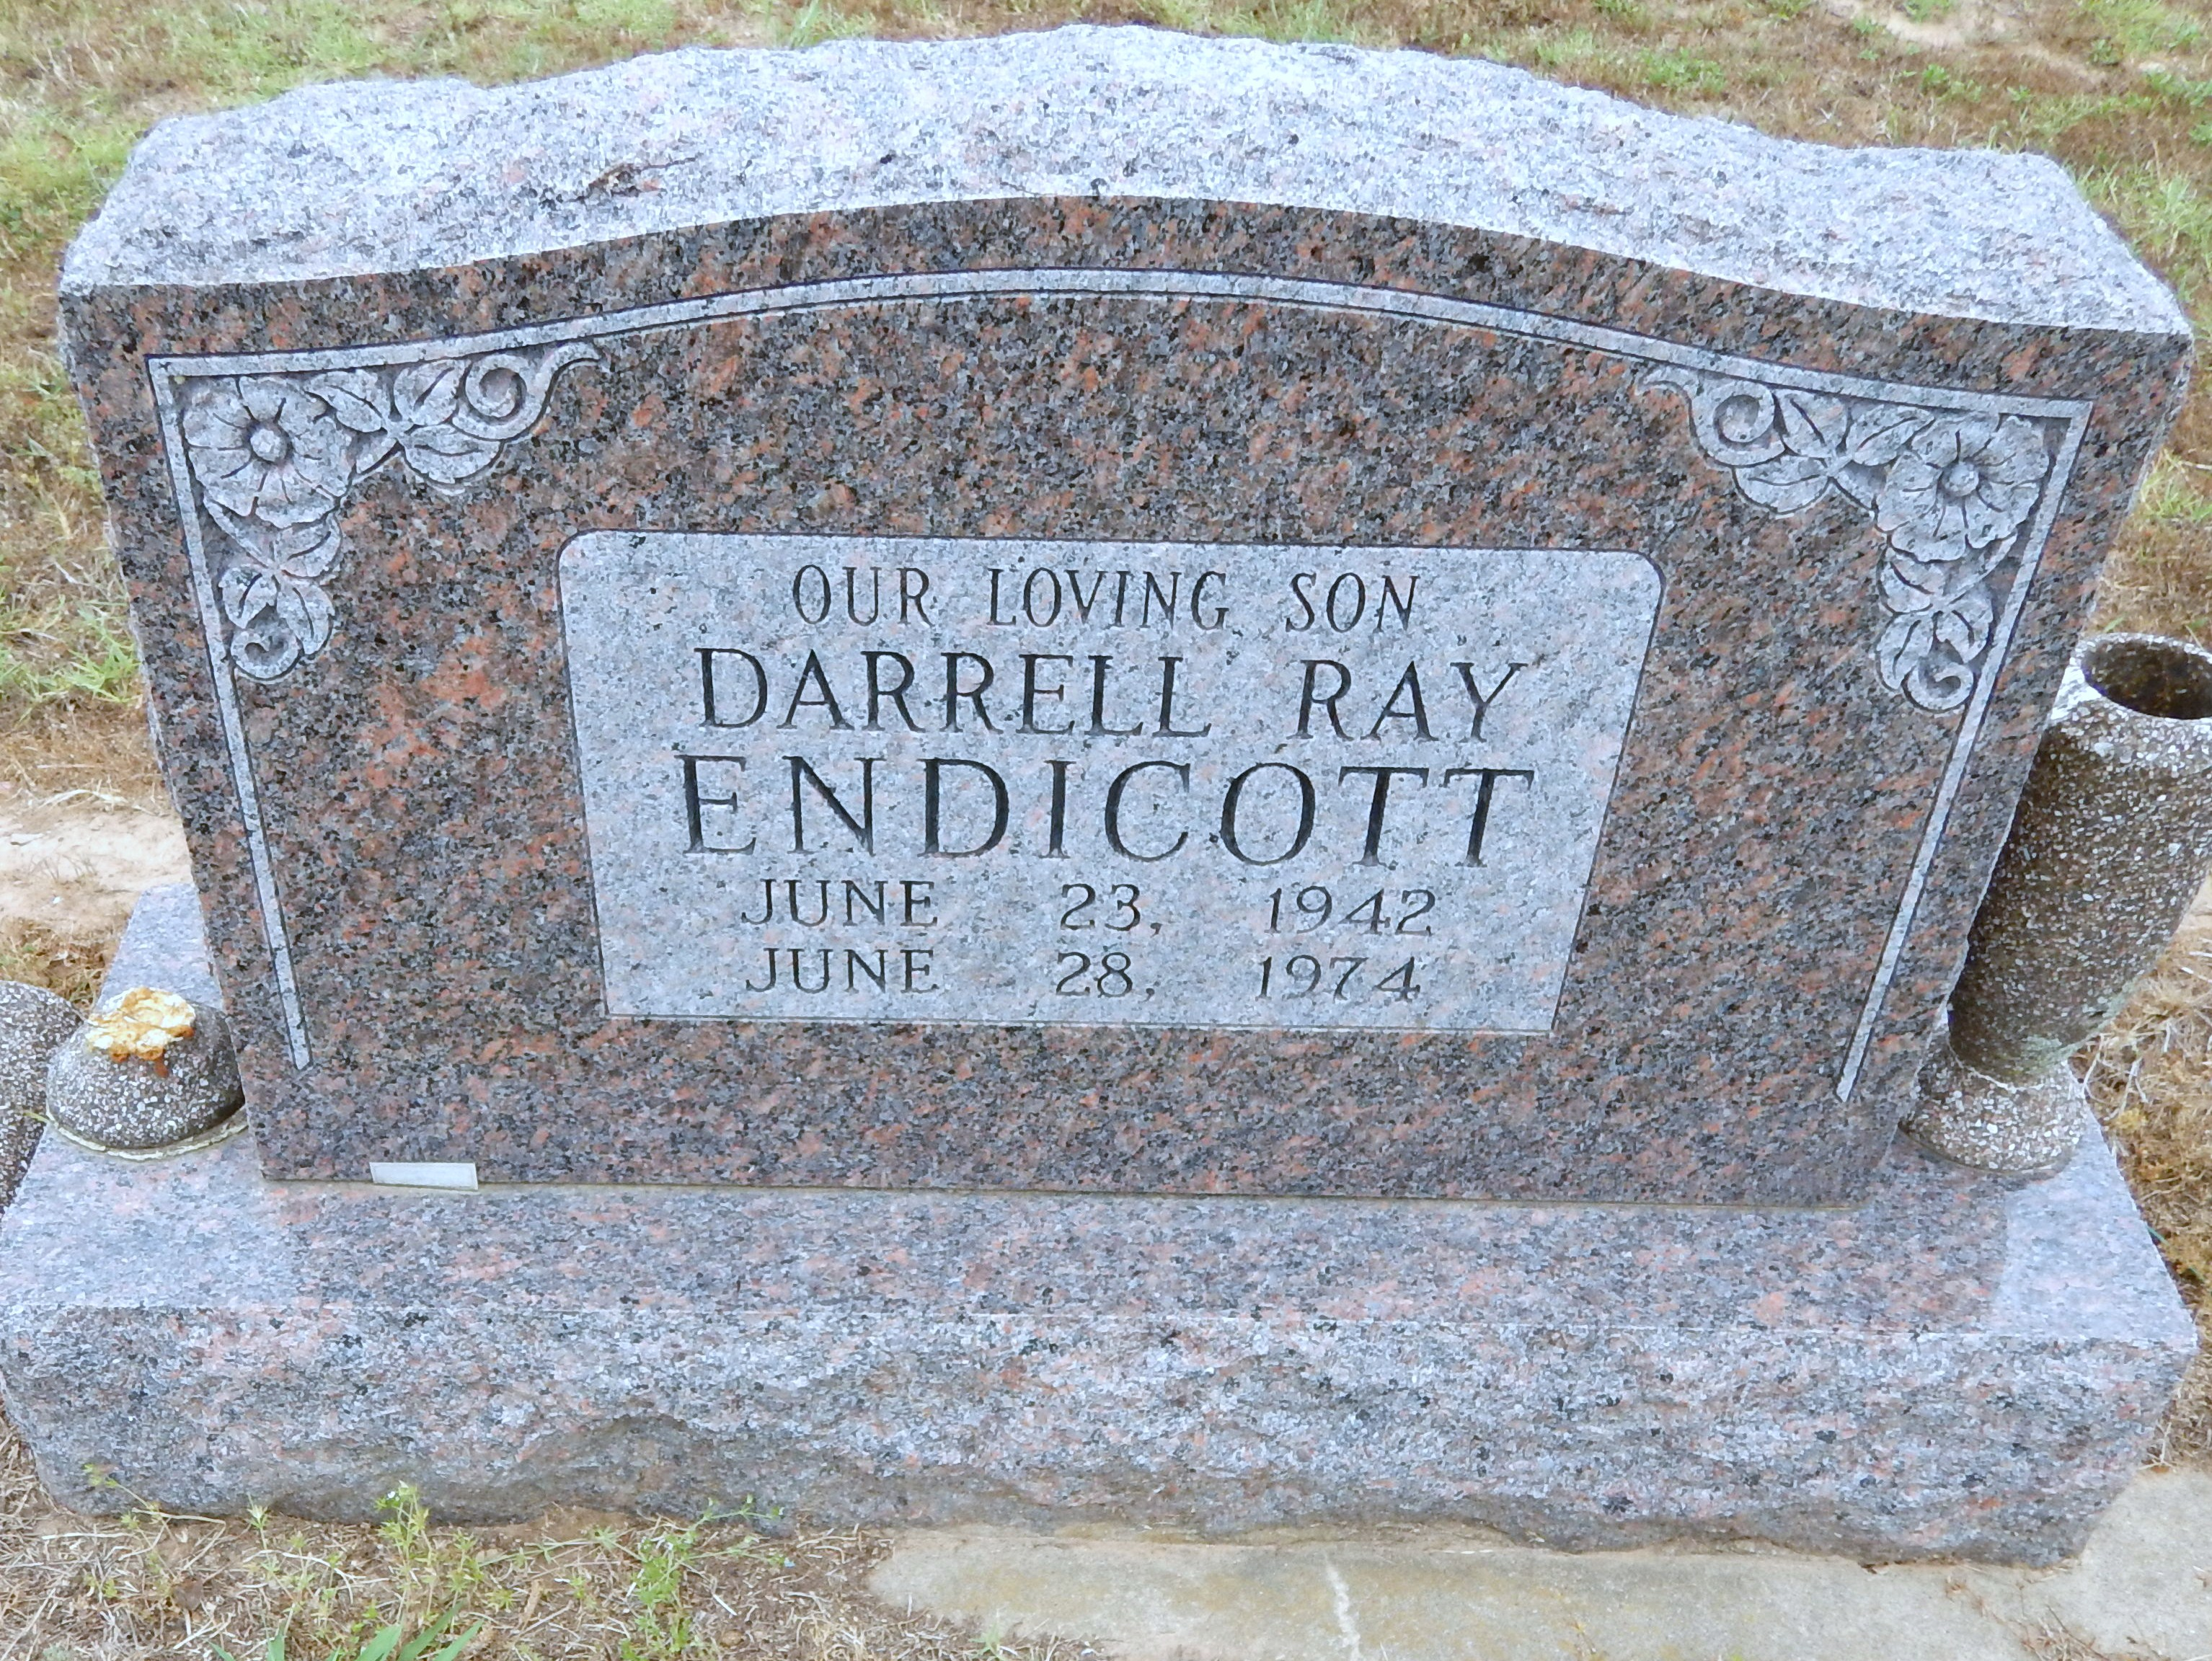 Darrell Ray Endicott